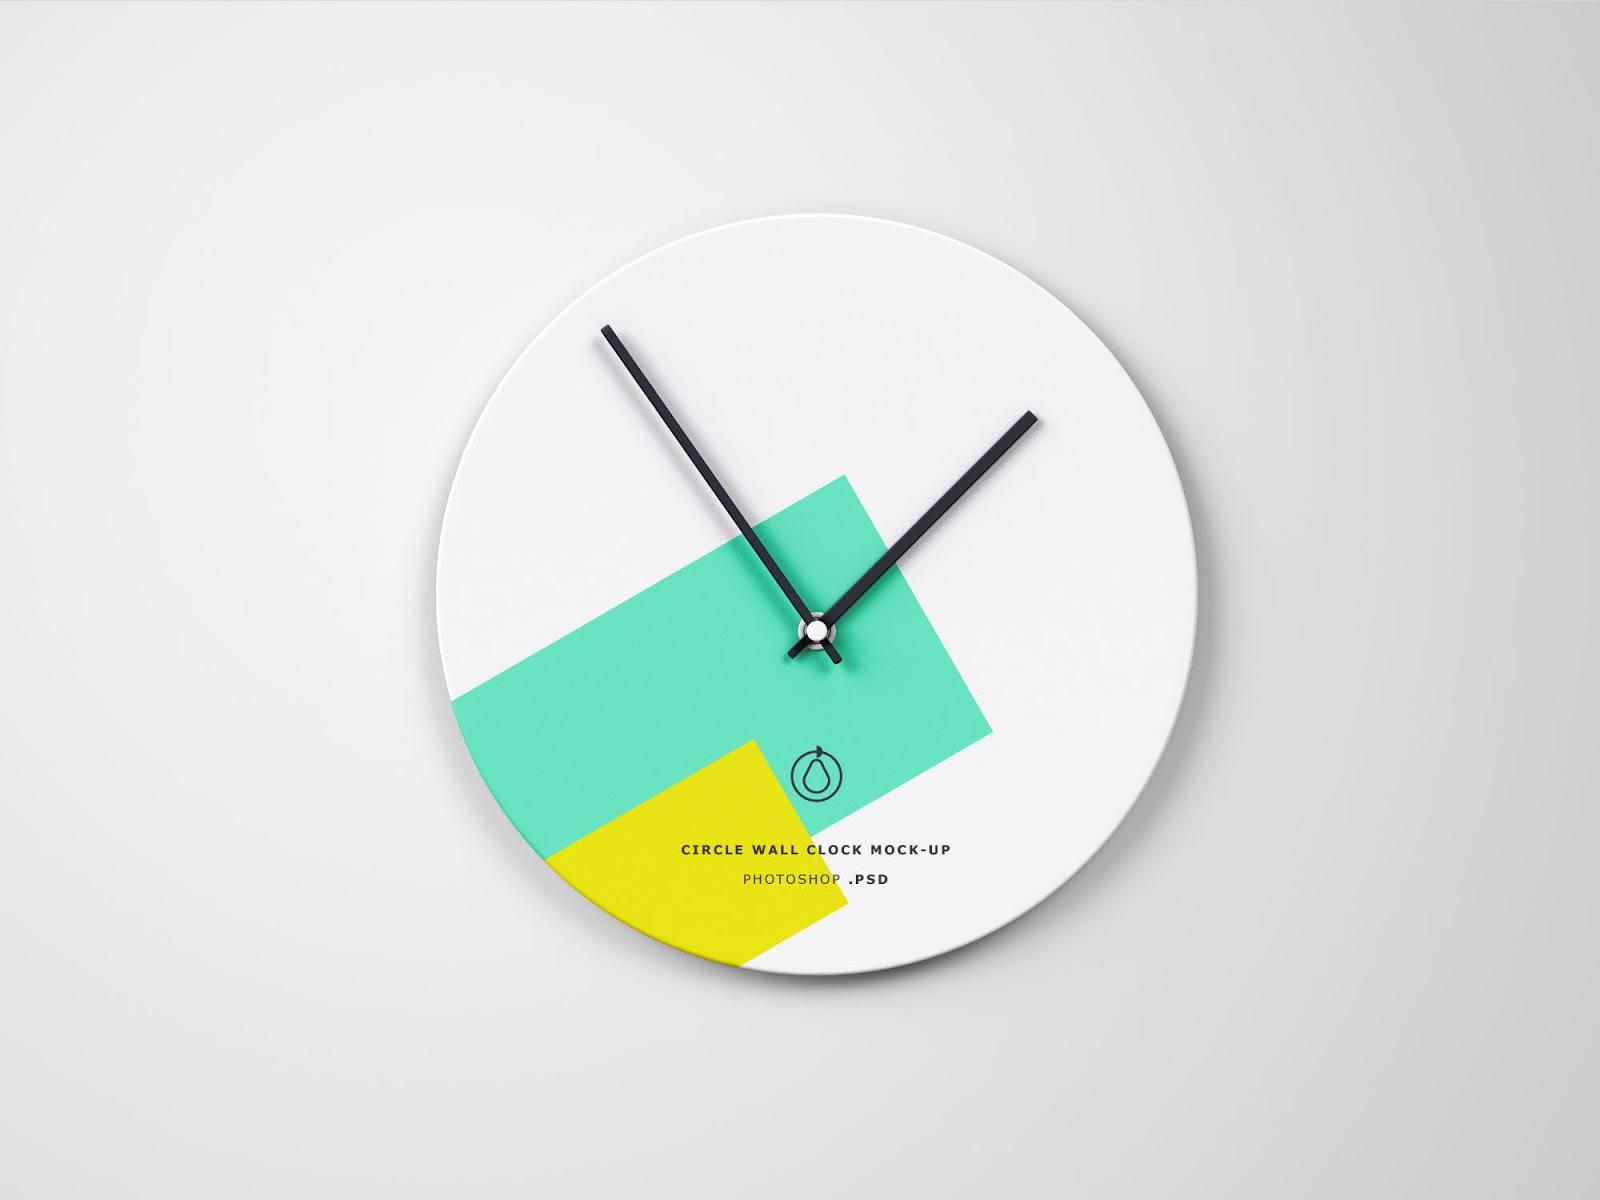 Circle Wall Clock Mockup